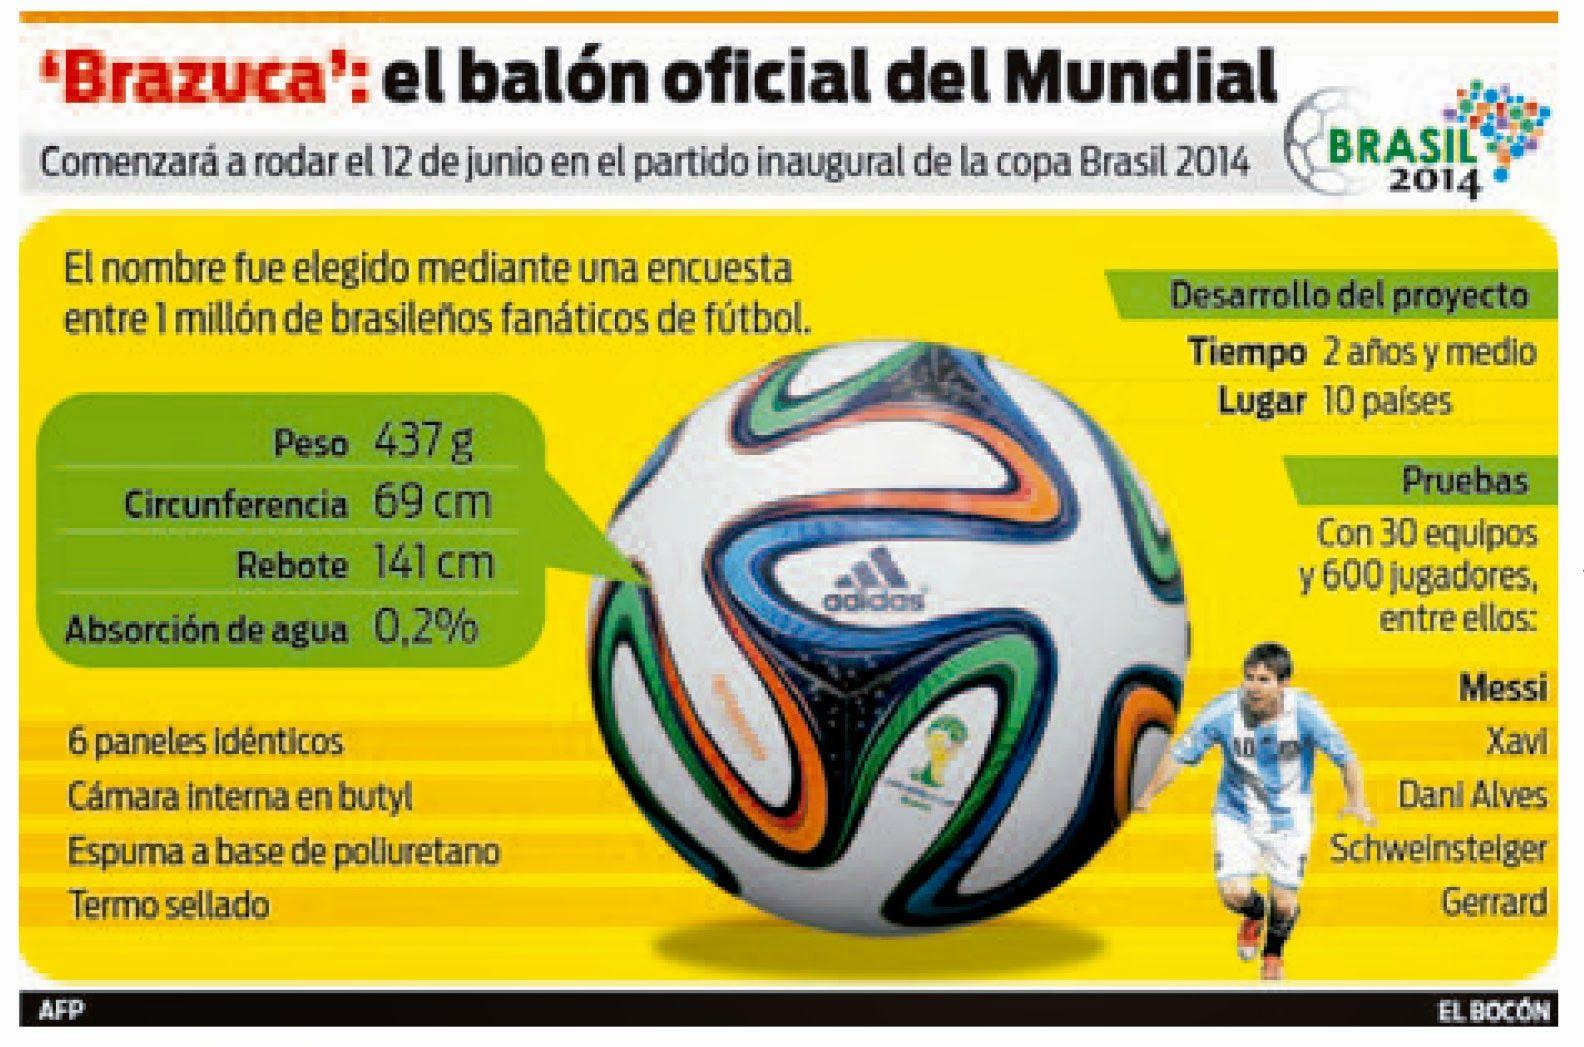 El balón oficial para el mundial Brasil 2014  aea2ae7d41c19